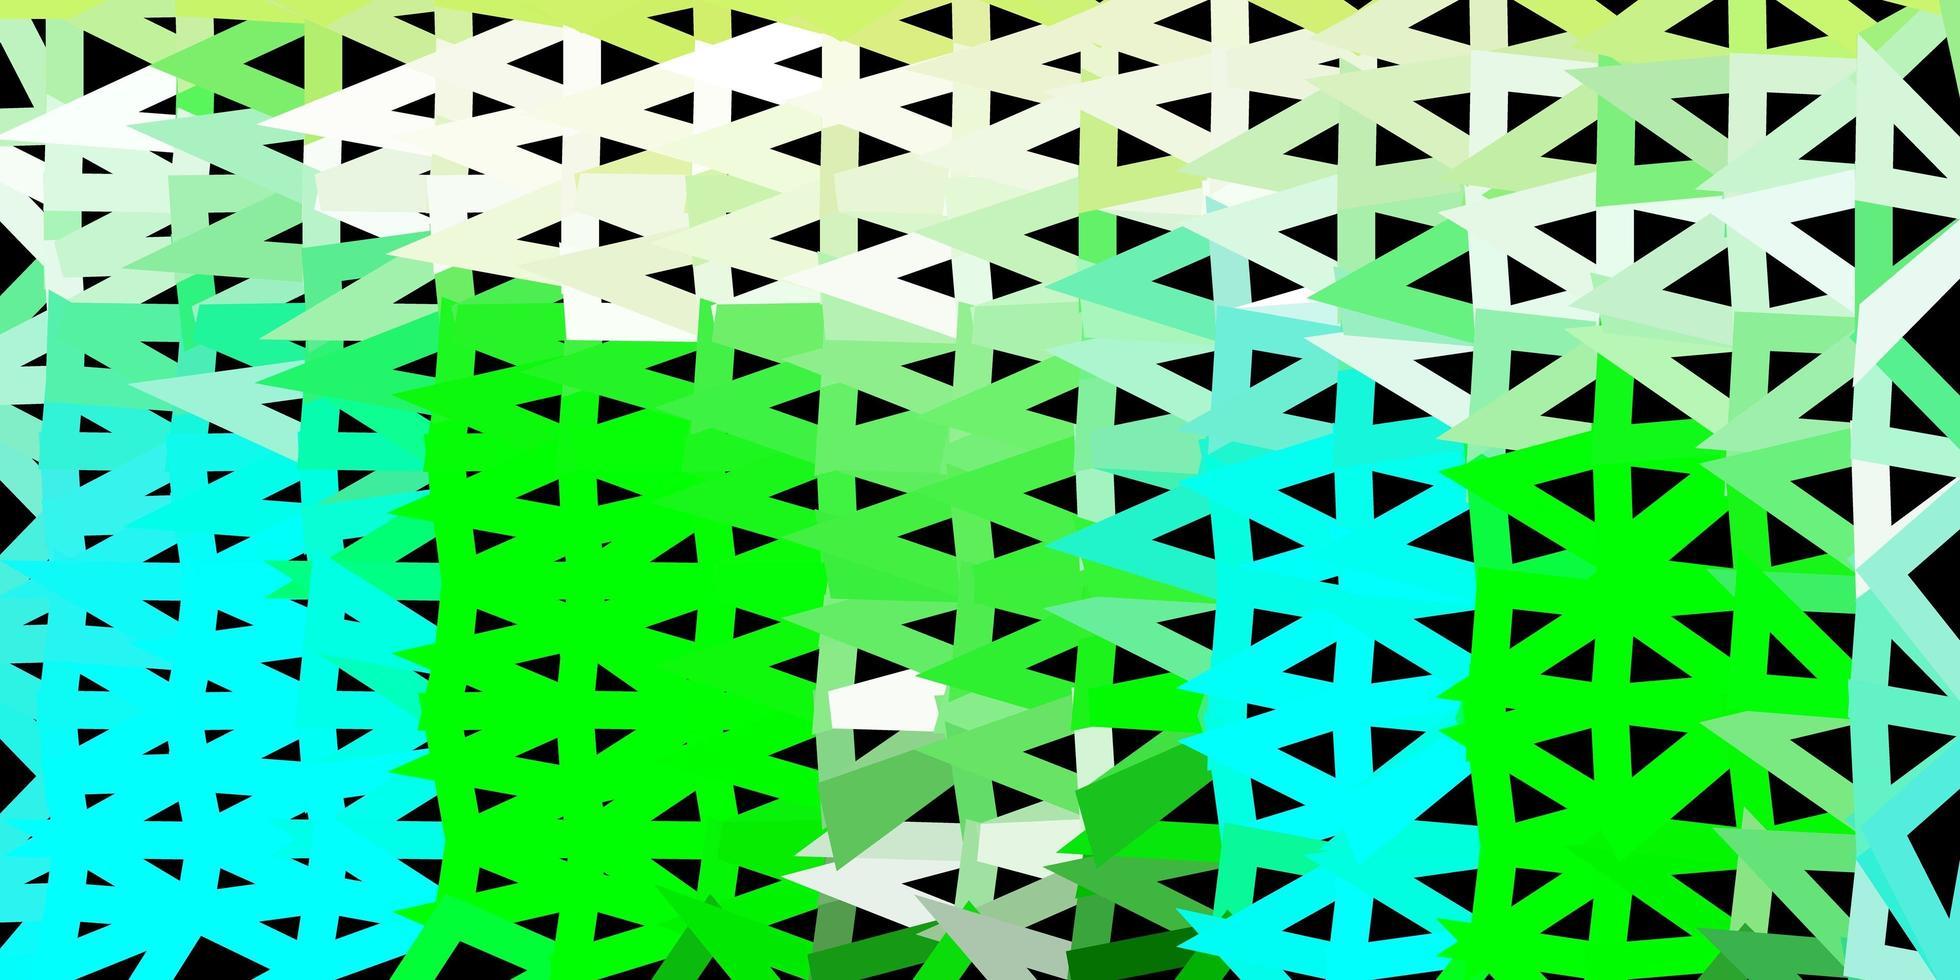 Plantilla de triángulo abstracto vector azul claro, verde.